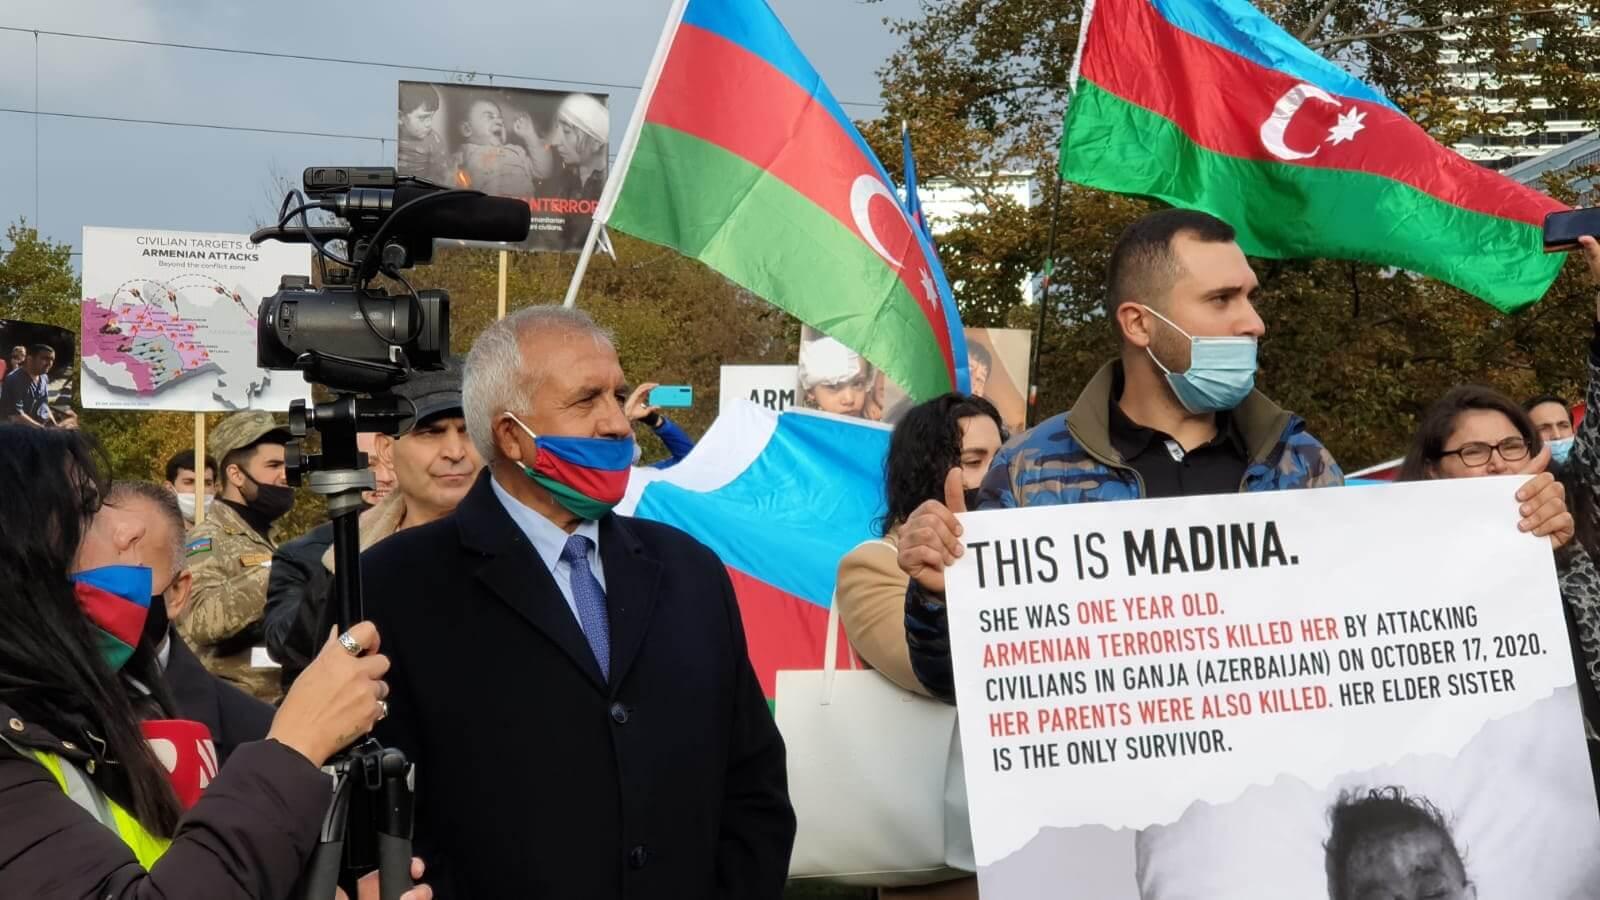 Ermenistan'ın saldırıları protesto edildi